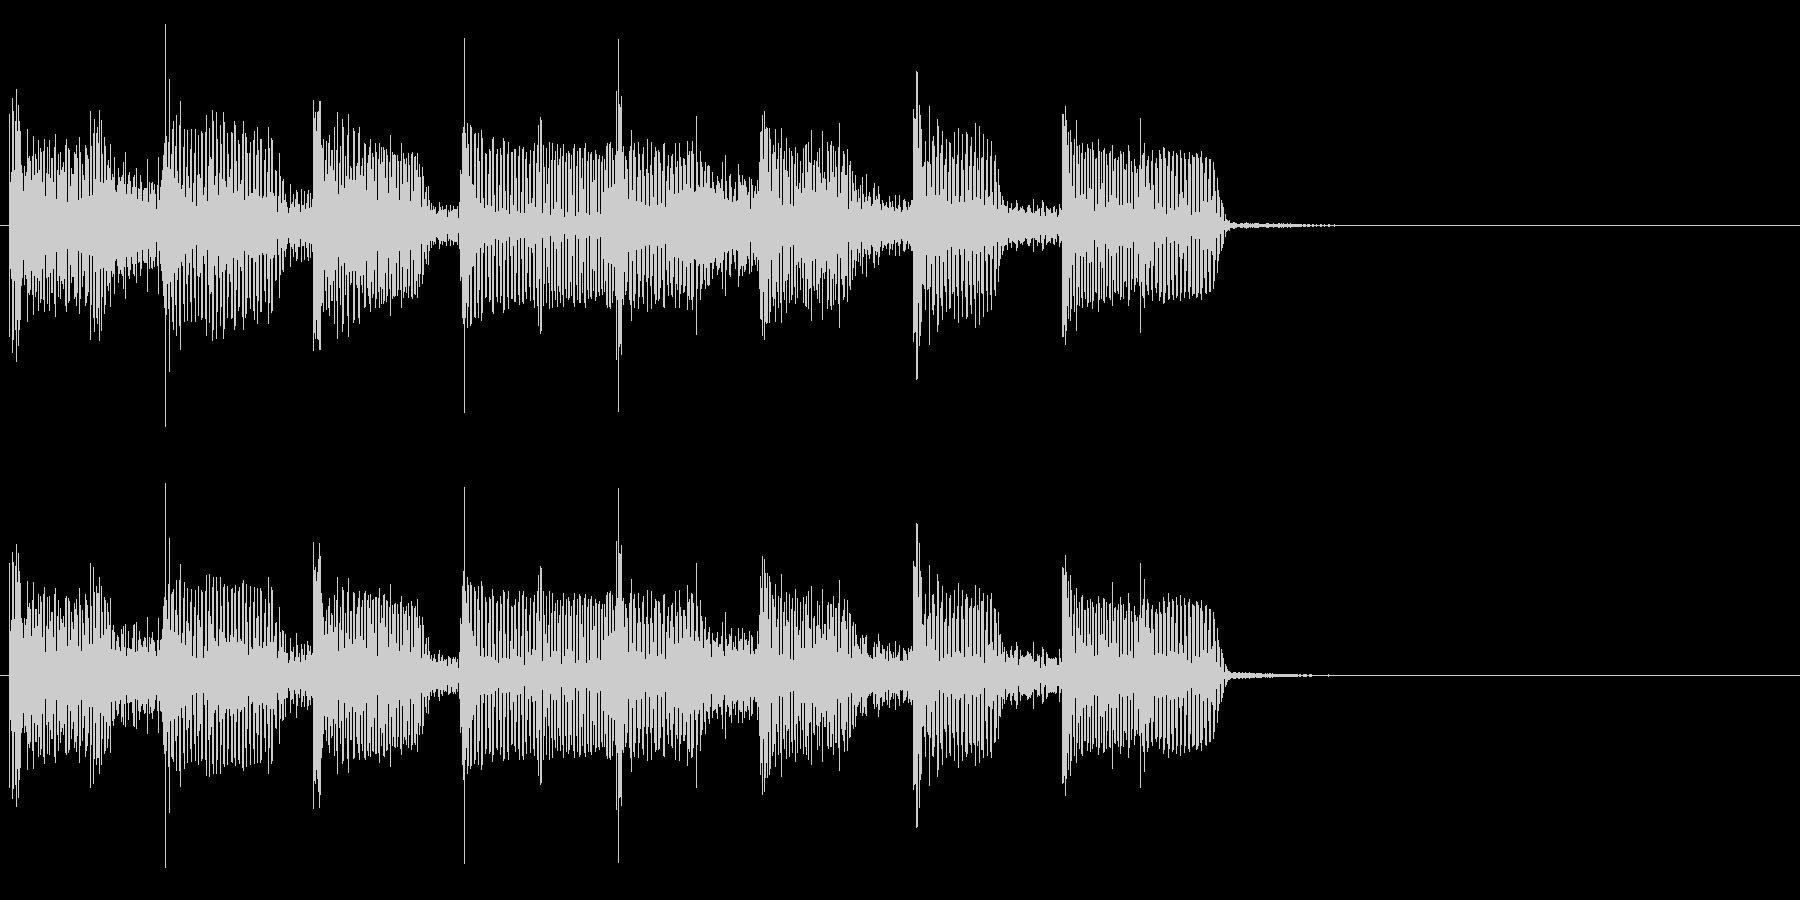 2小節ジングル04 ディスコ2の未再生の波形